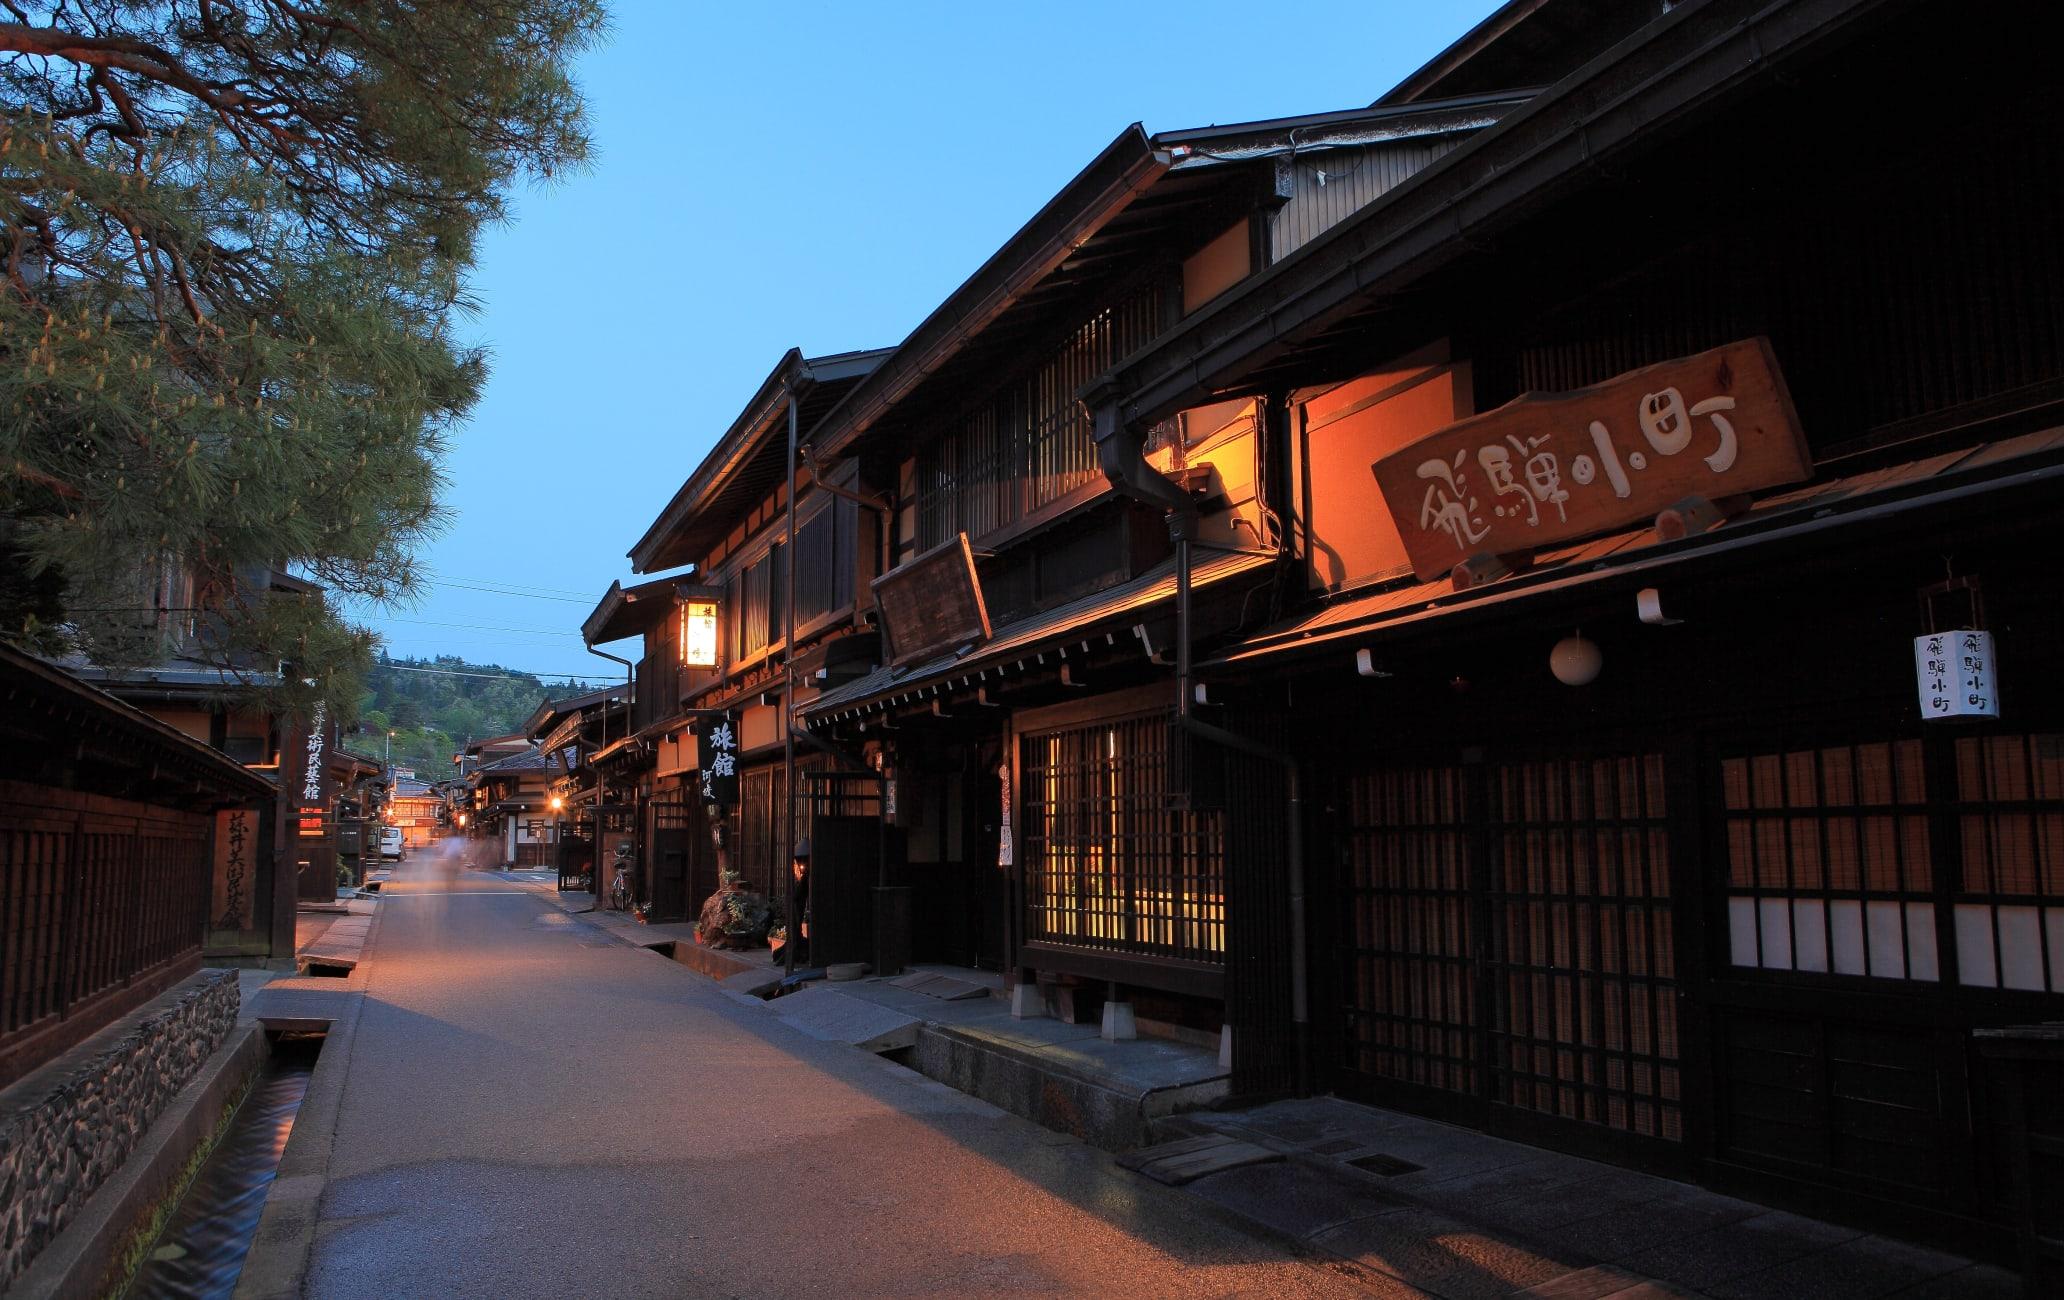 Sanno-machi Historic District